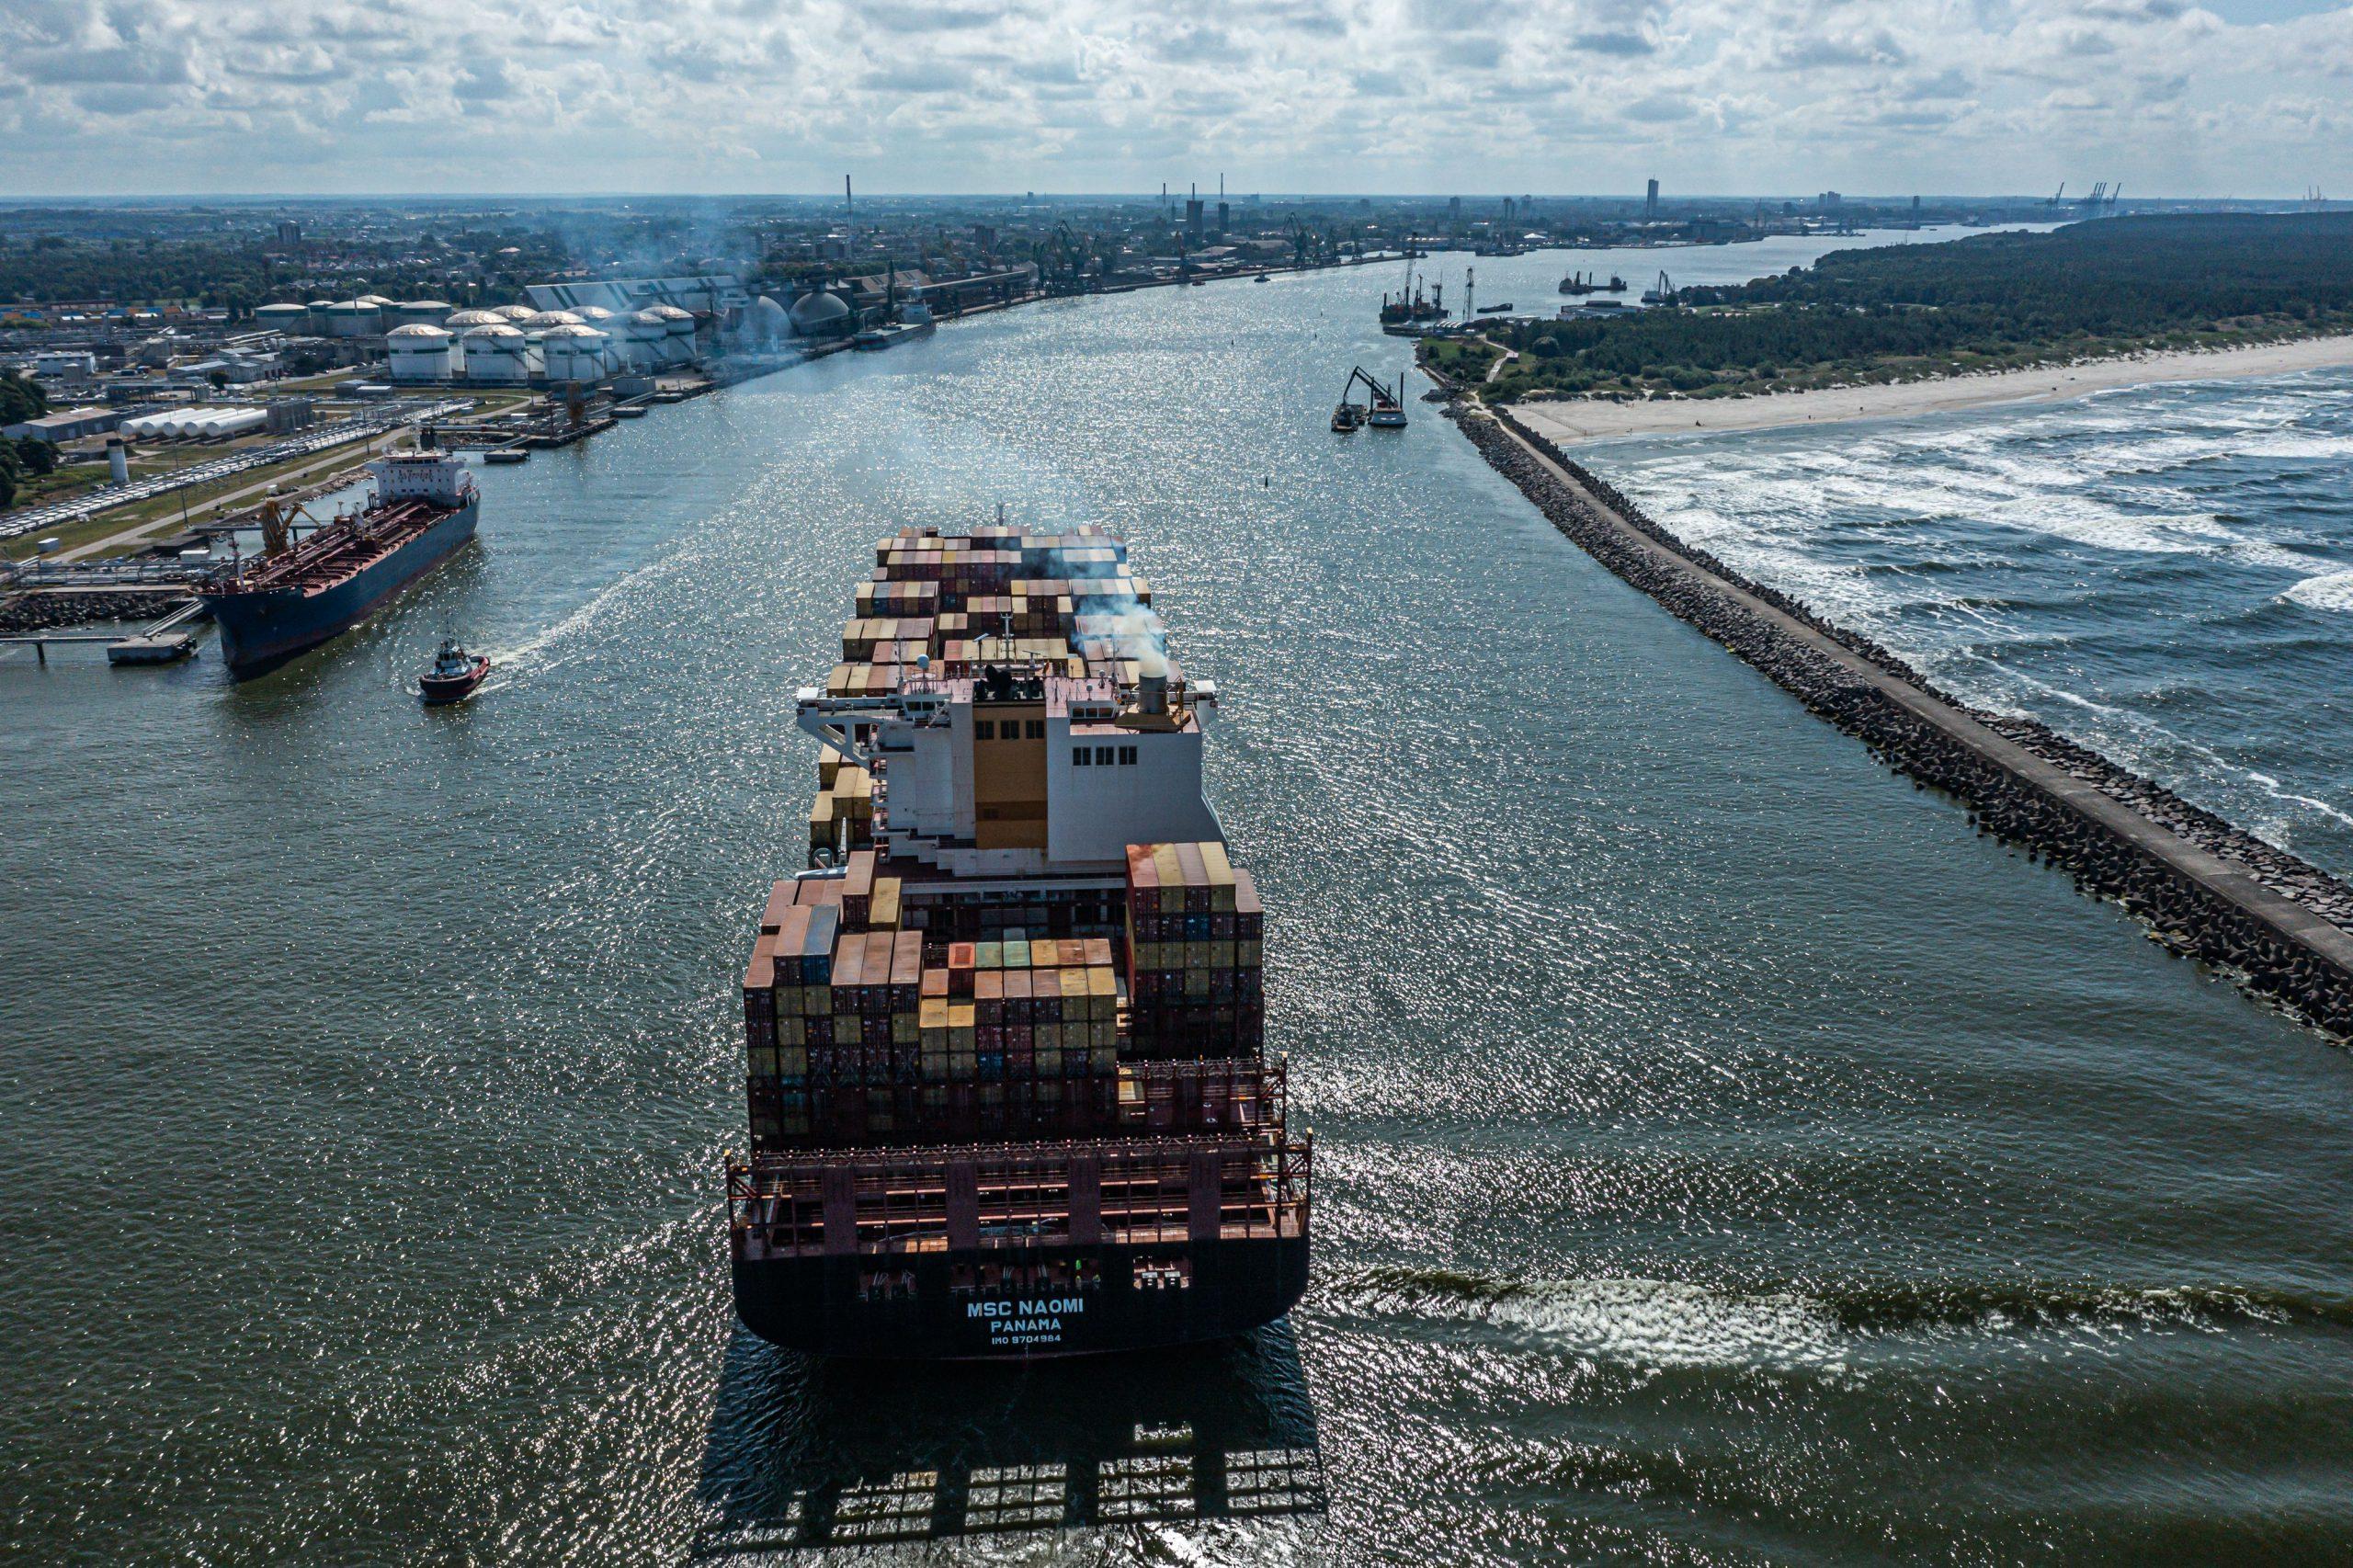 MSC vėl įtraukė Klaipėdos uostą į jūrinį maršrutą